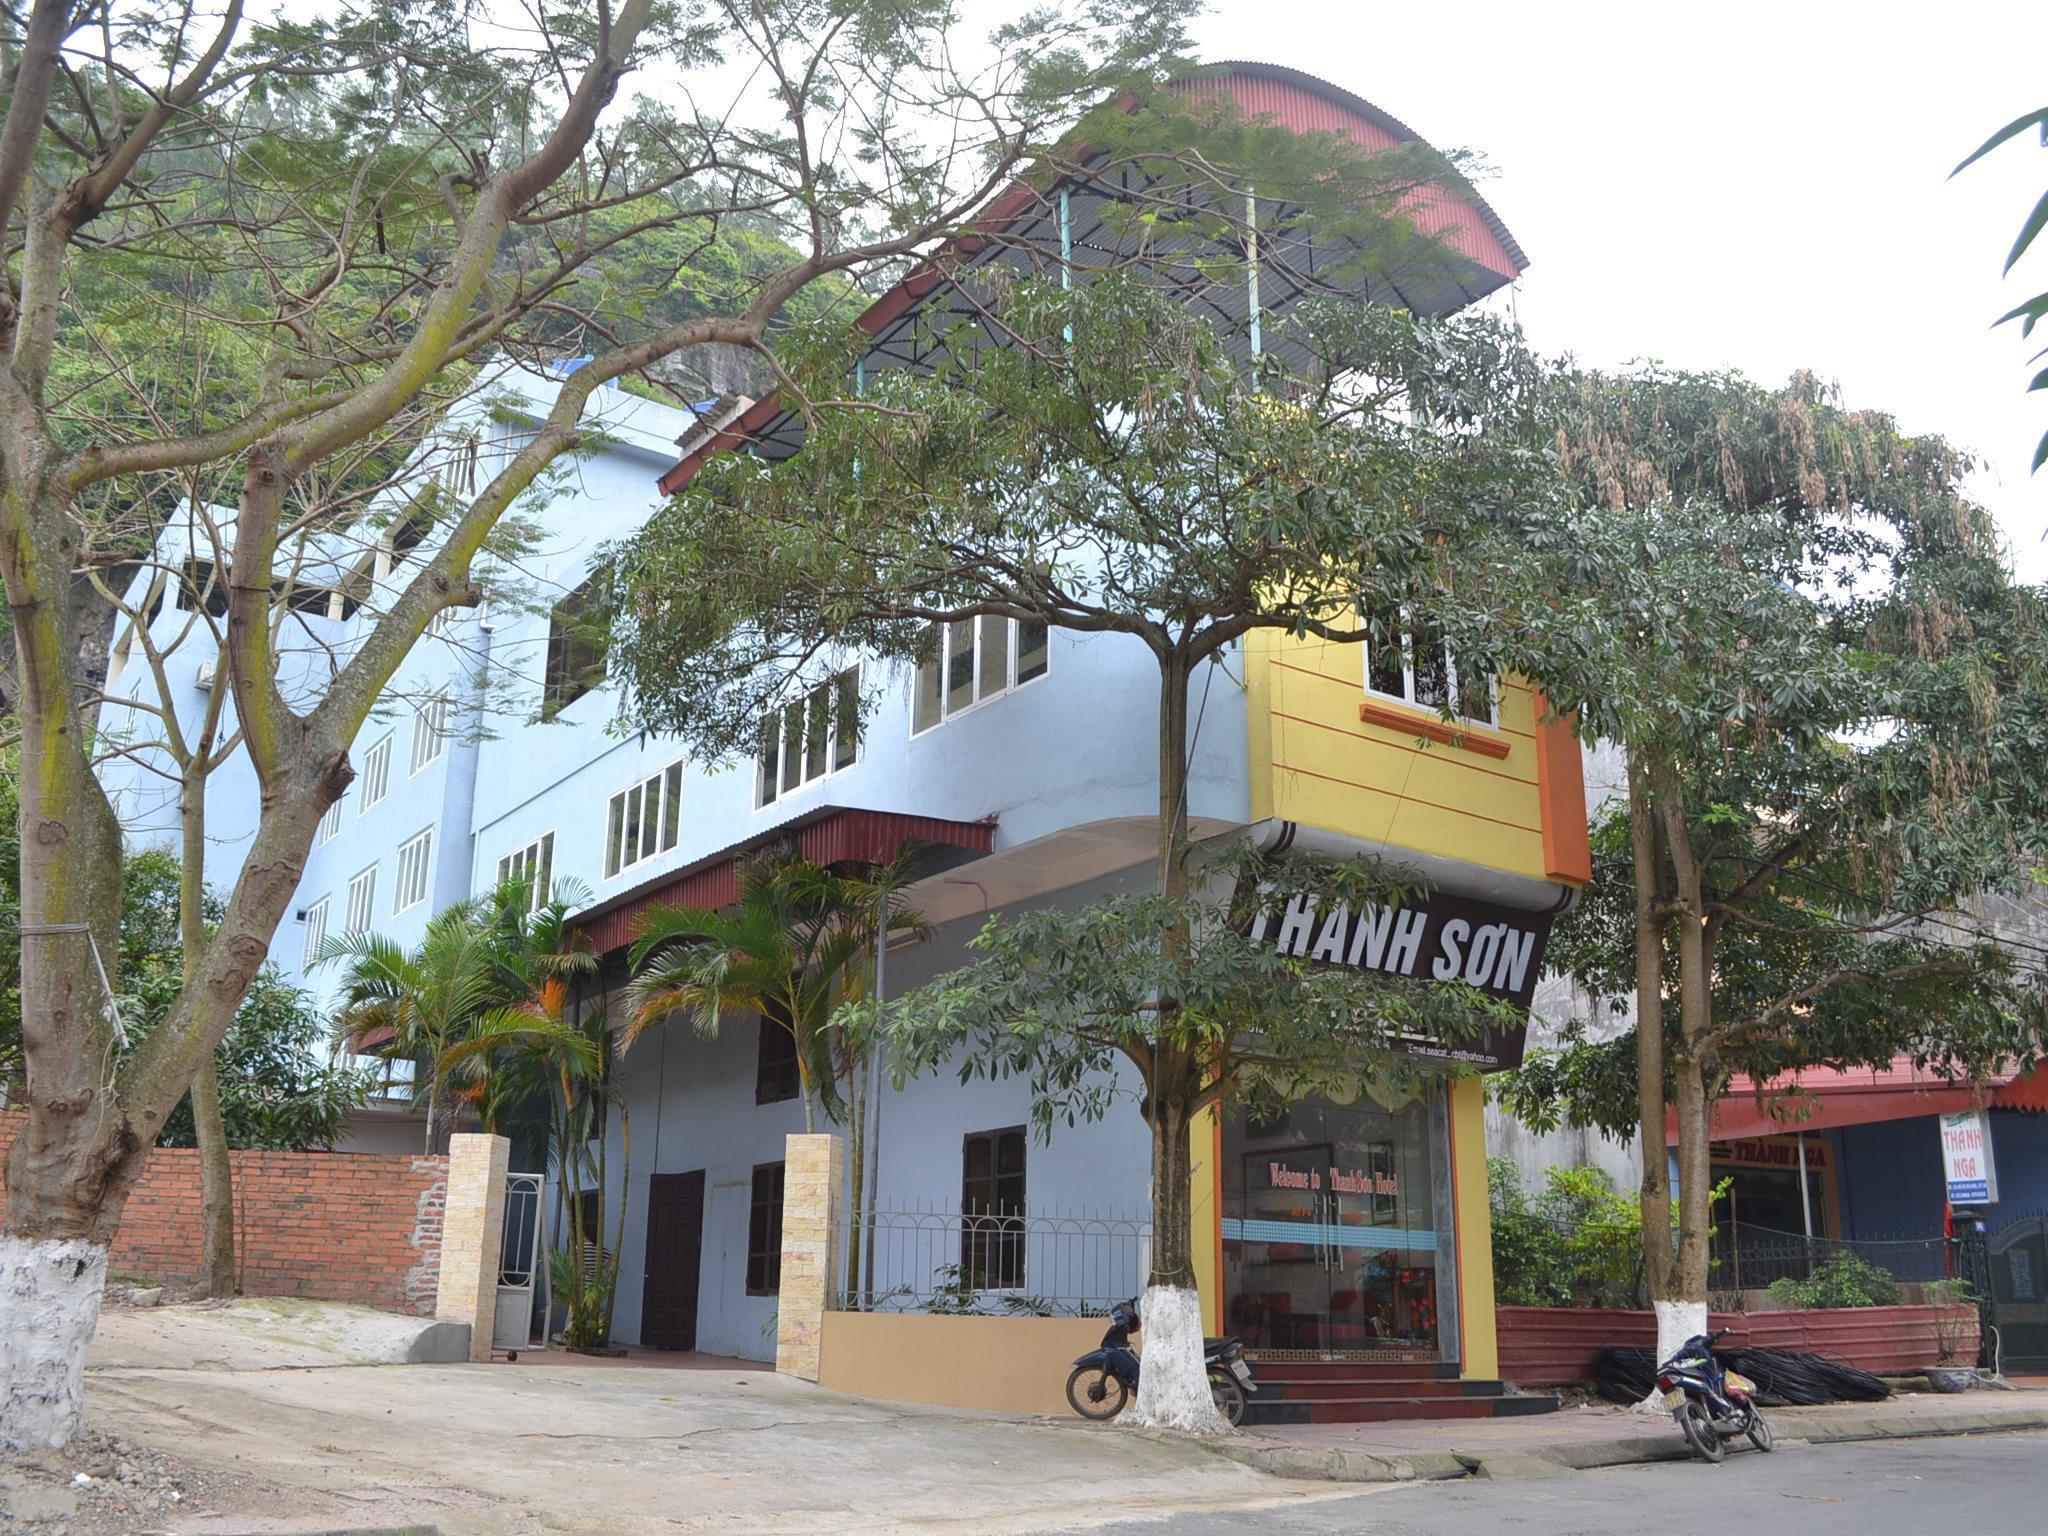 Thanh Son Hotel - Hotell och Boende i Vietnam , Cat Ba Island